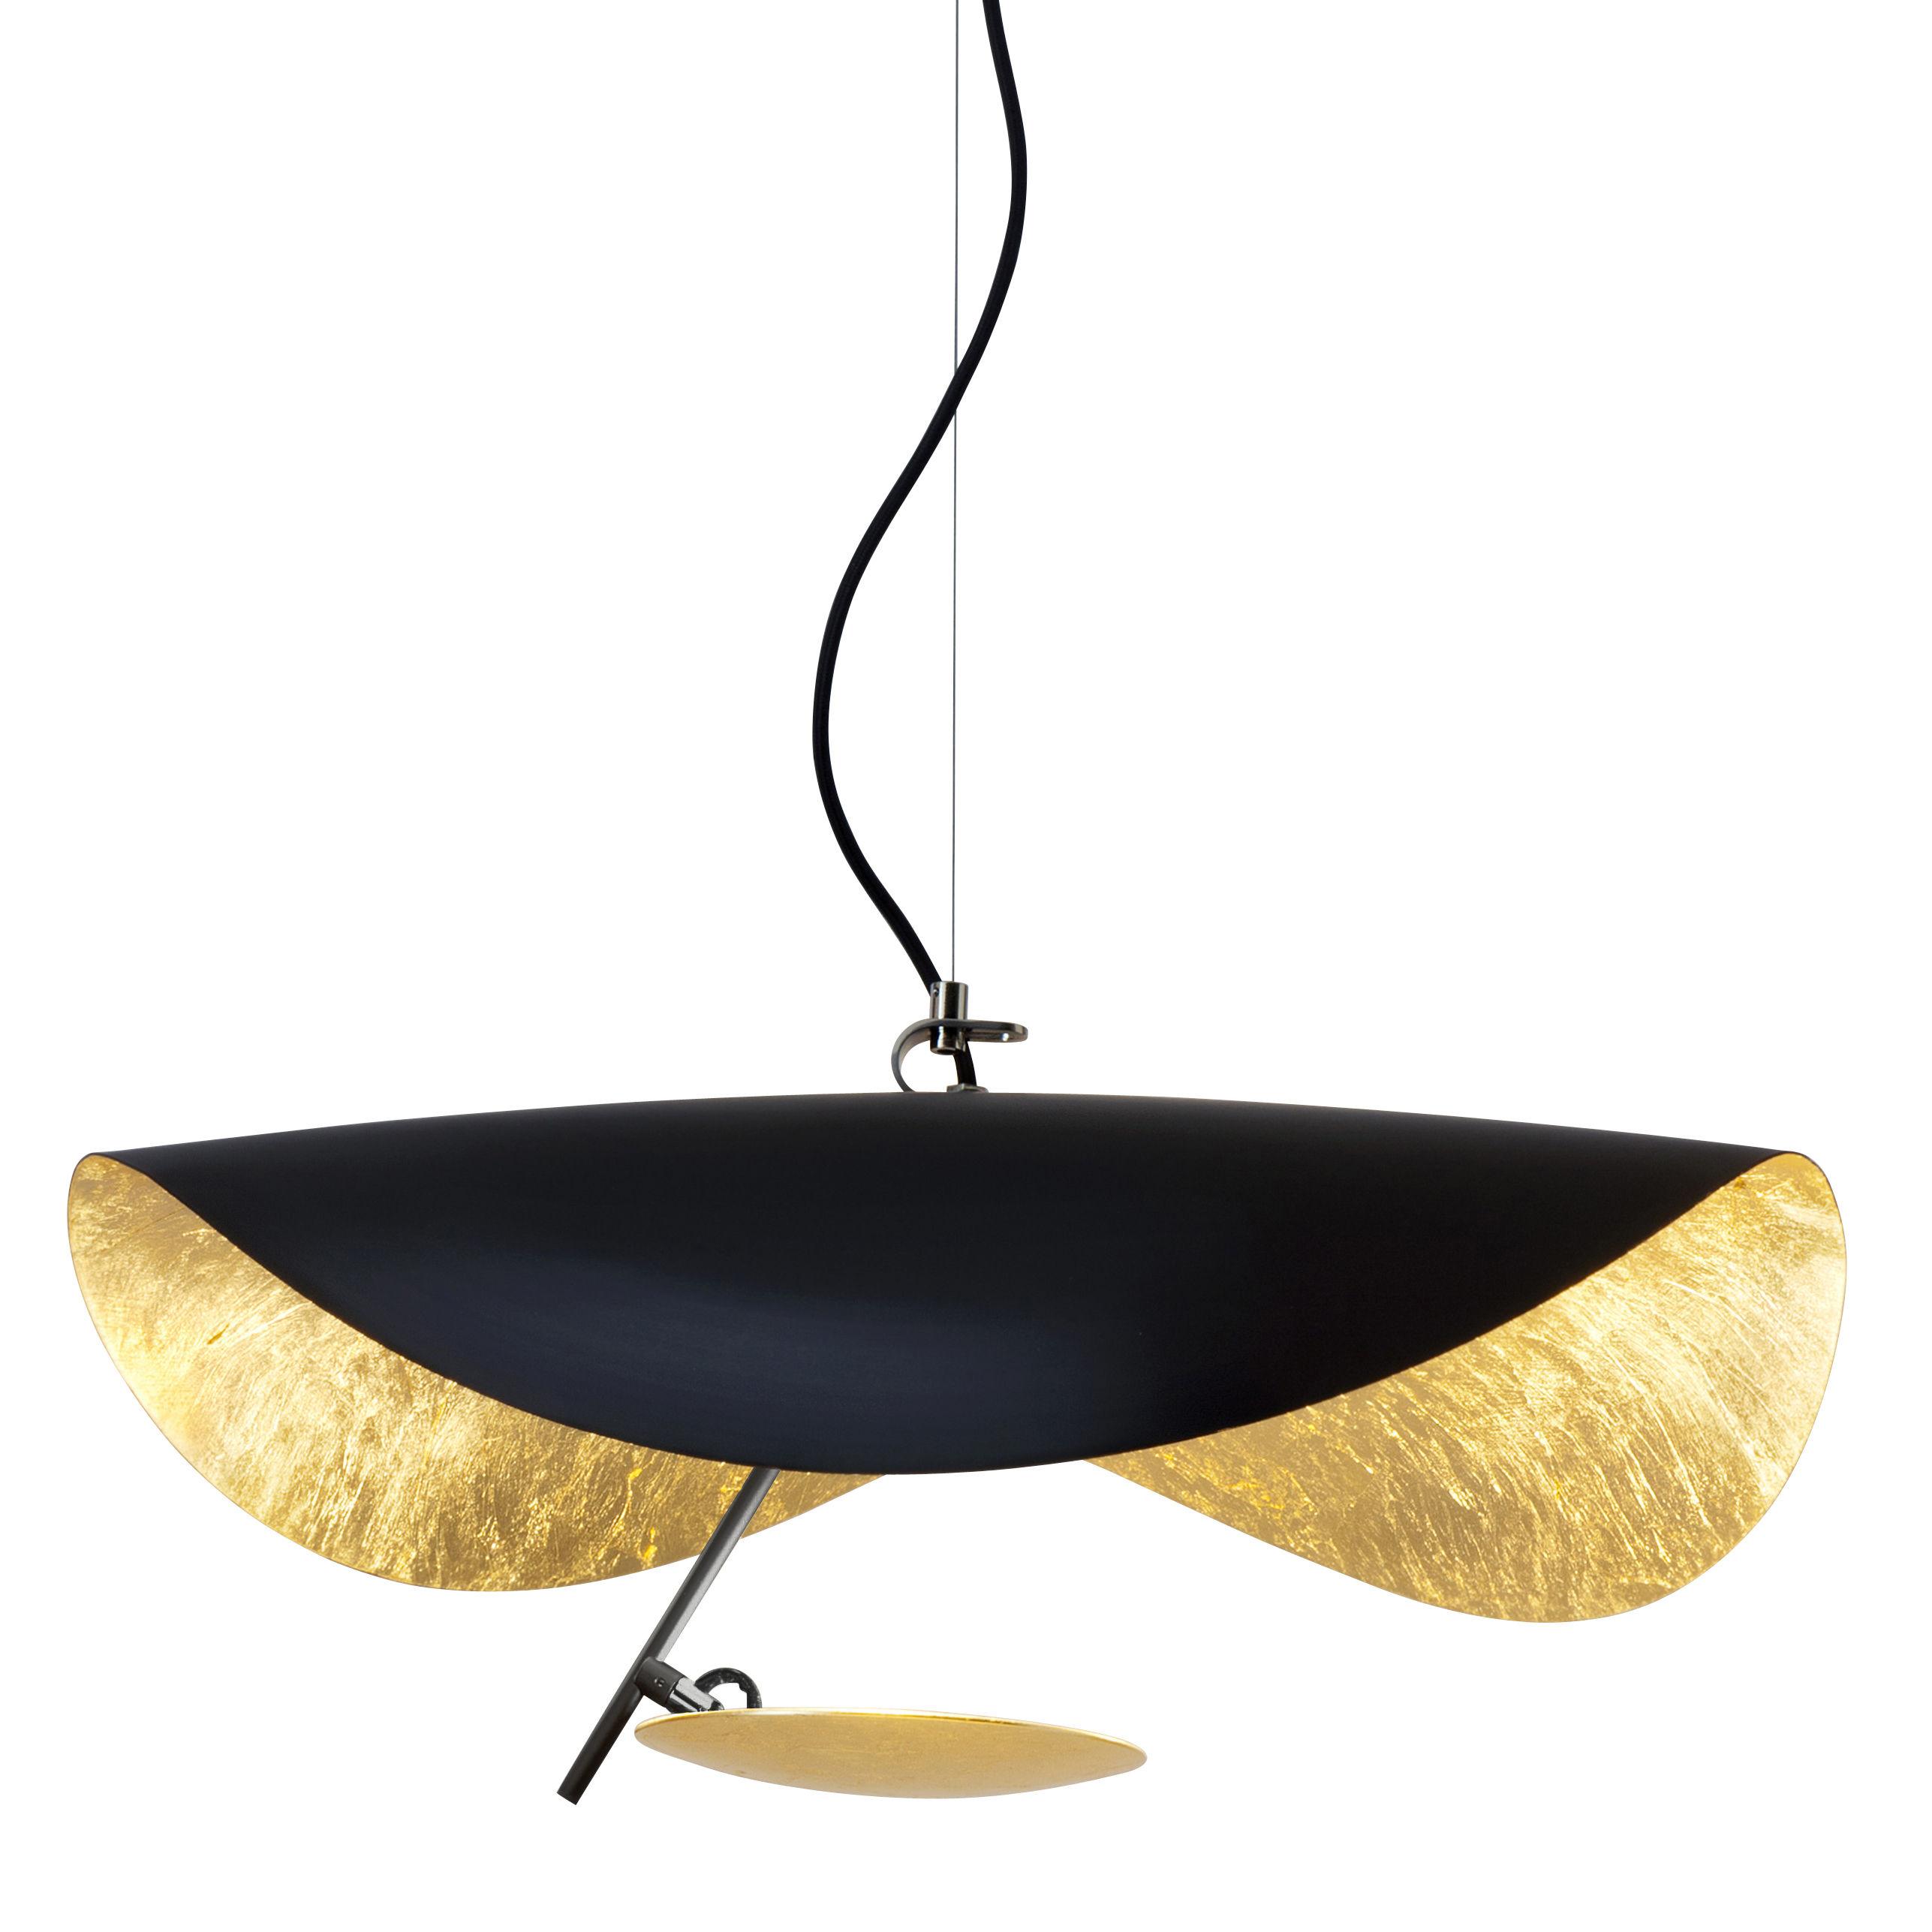 suspension lederam manta s1 led 60 cm or noir catellani smith made in design. Black Bedroom Furniture Sets. Home Design Ideas